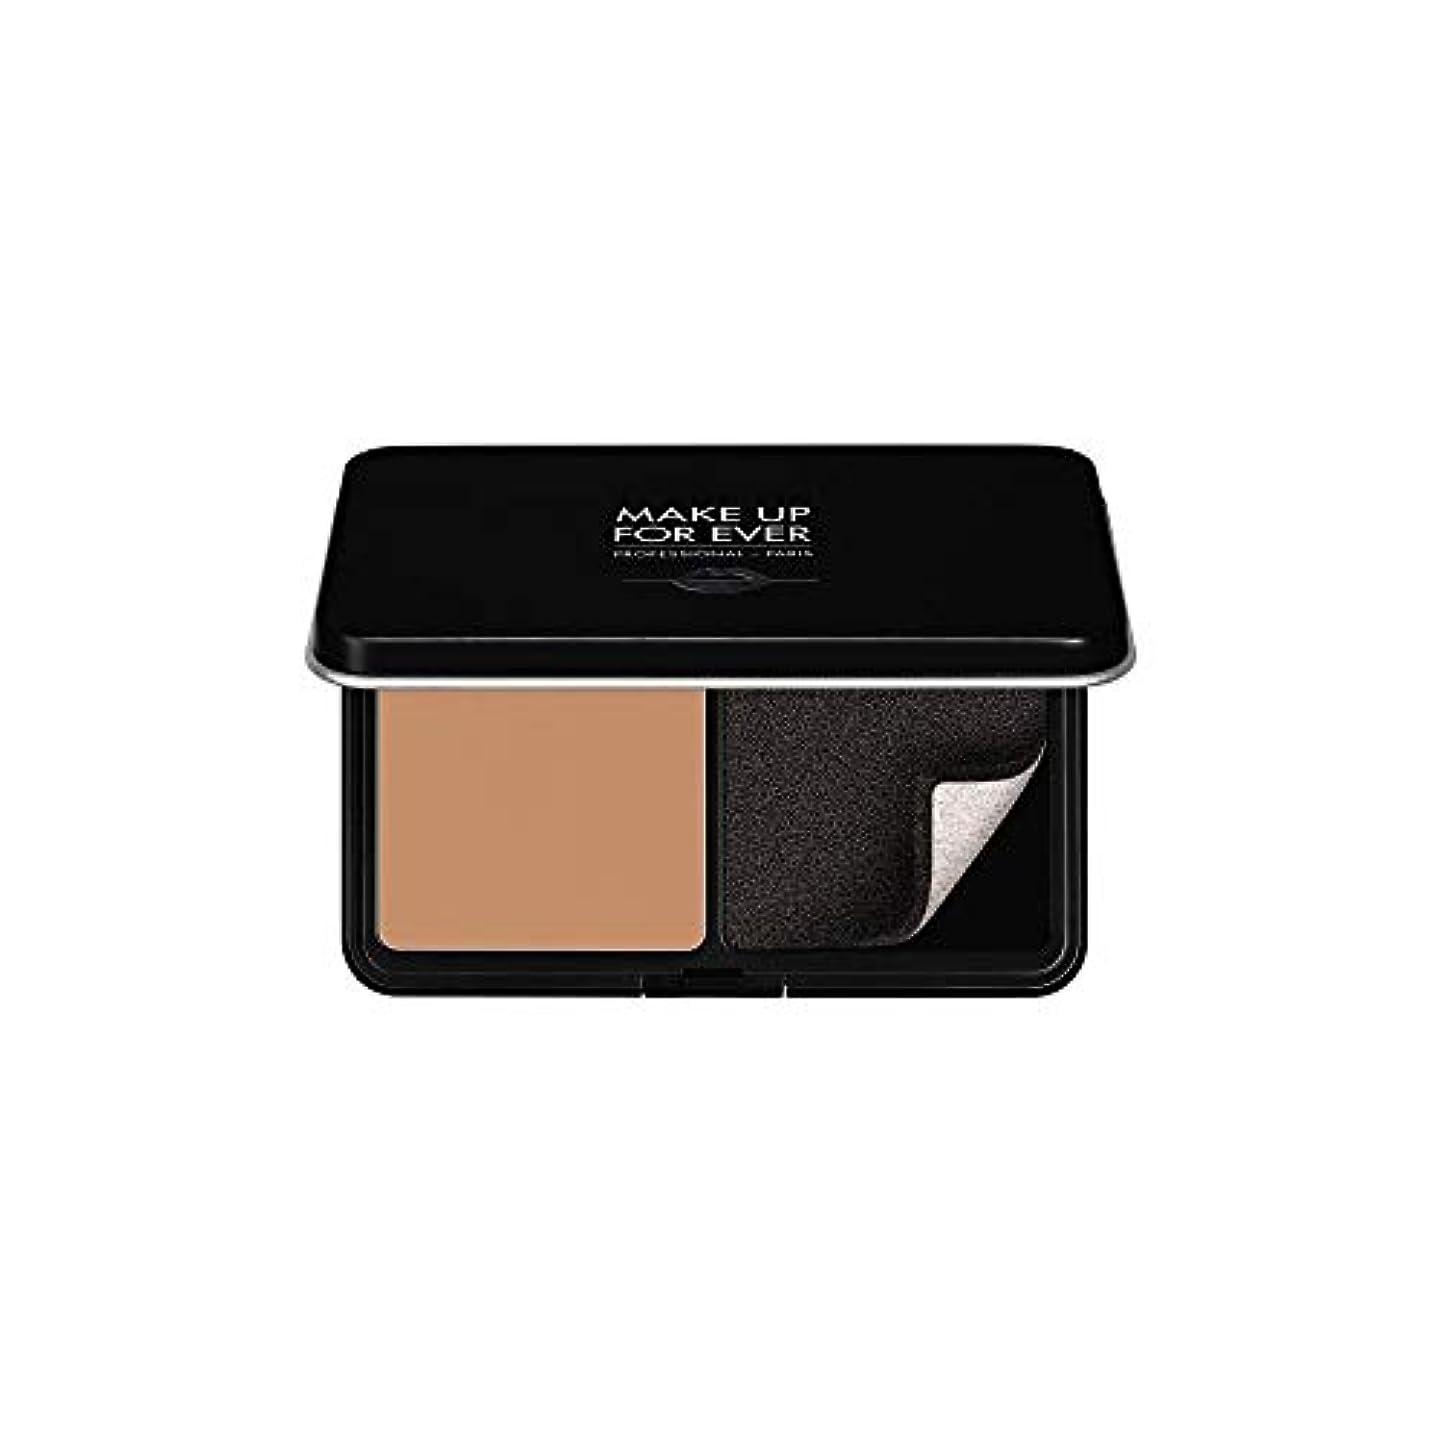 家禽早熟リビジョンメイクアップフォーエバー Matte Velvet Skin Blurring Powder Foundation - # R410 (Golden Beige) 11g/0.38oz並行輸入品